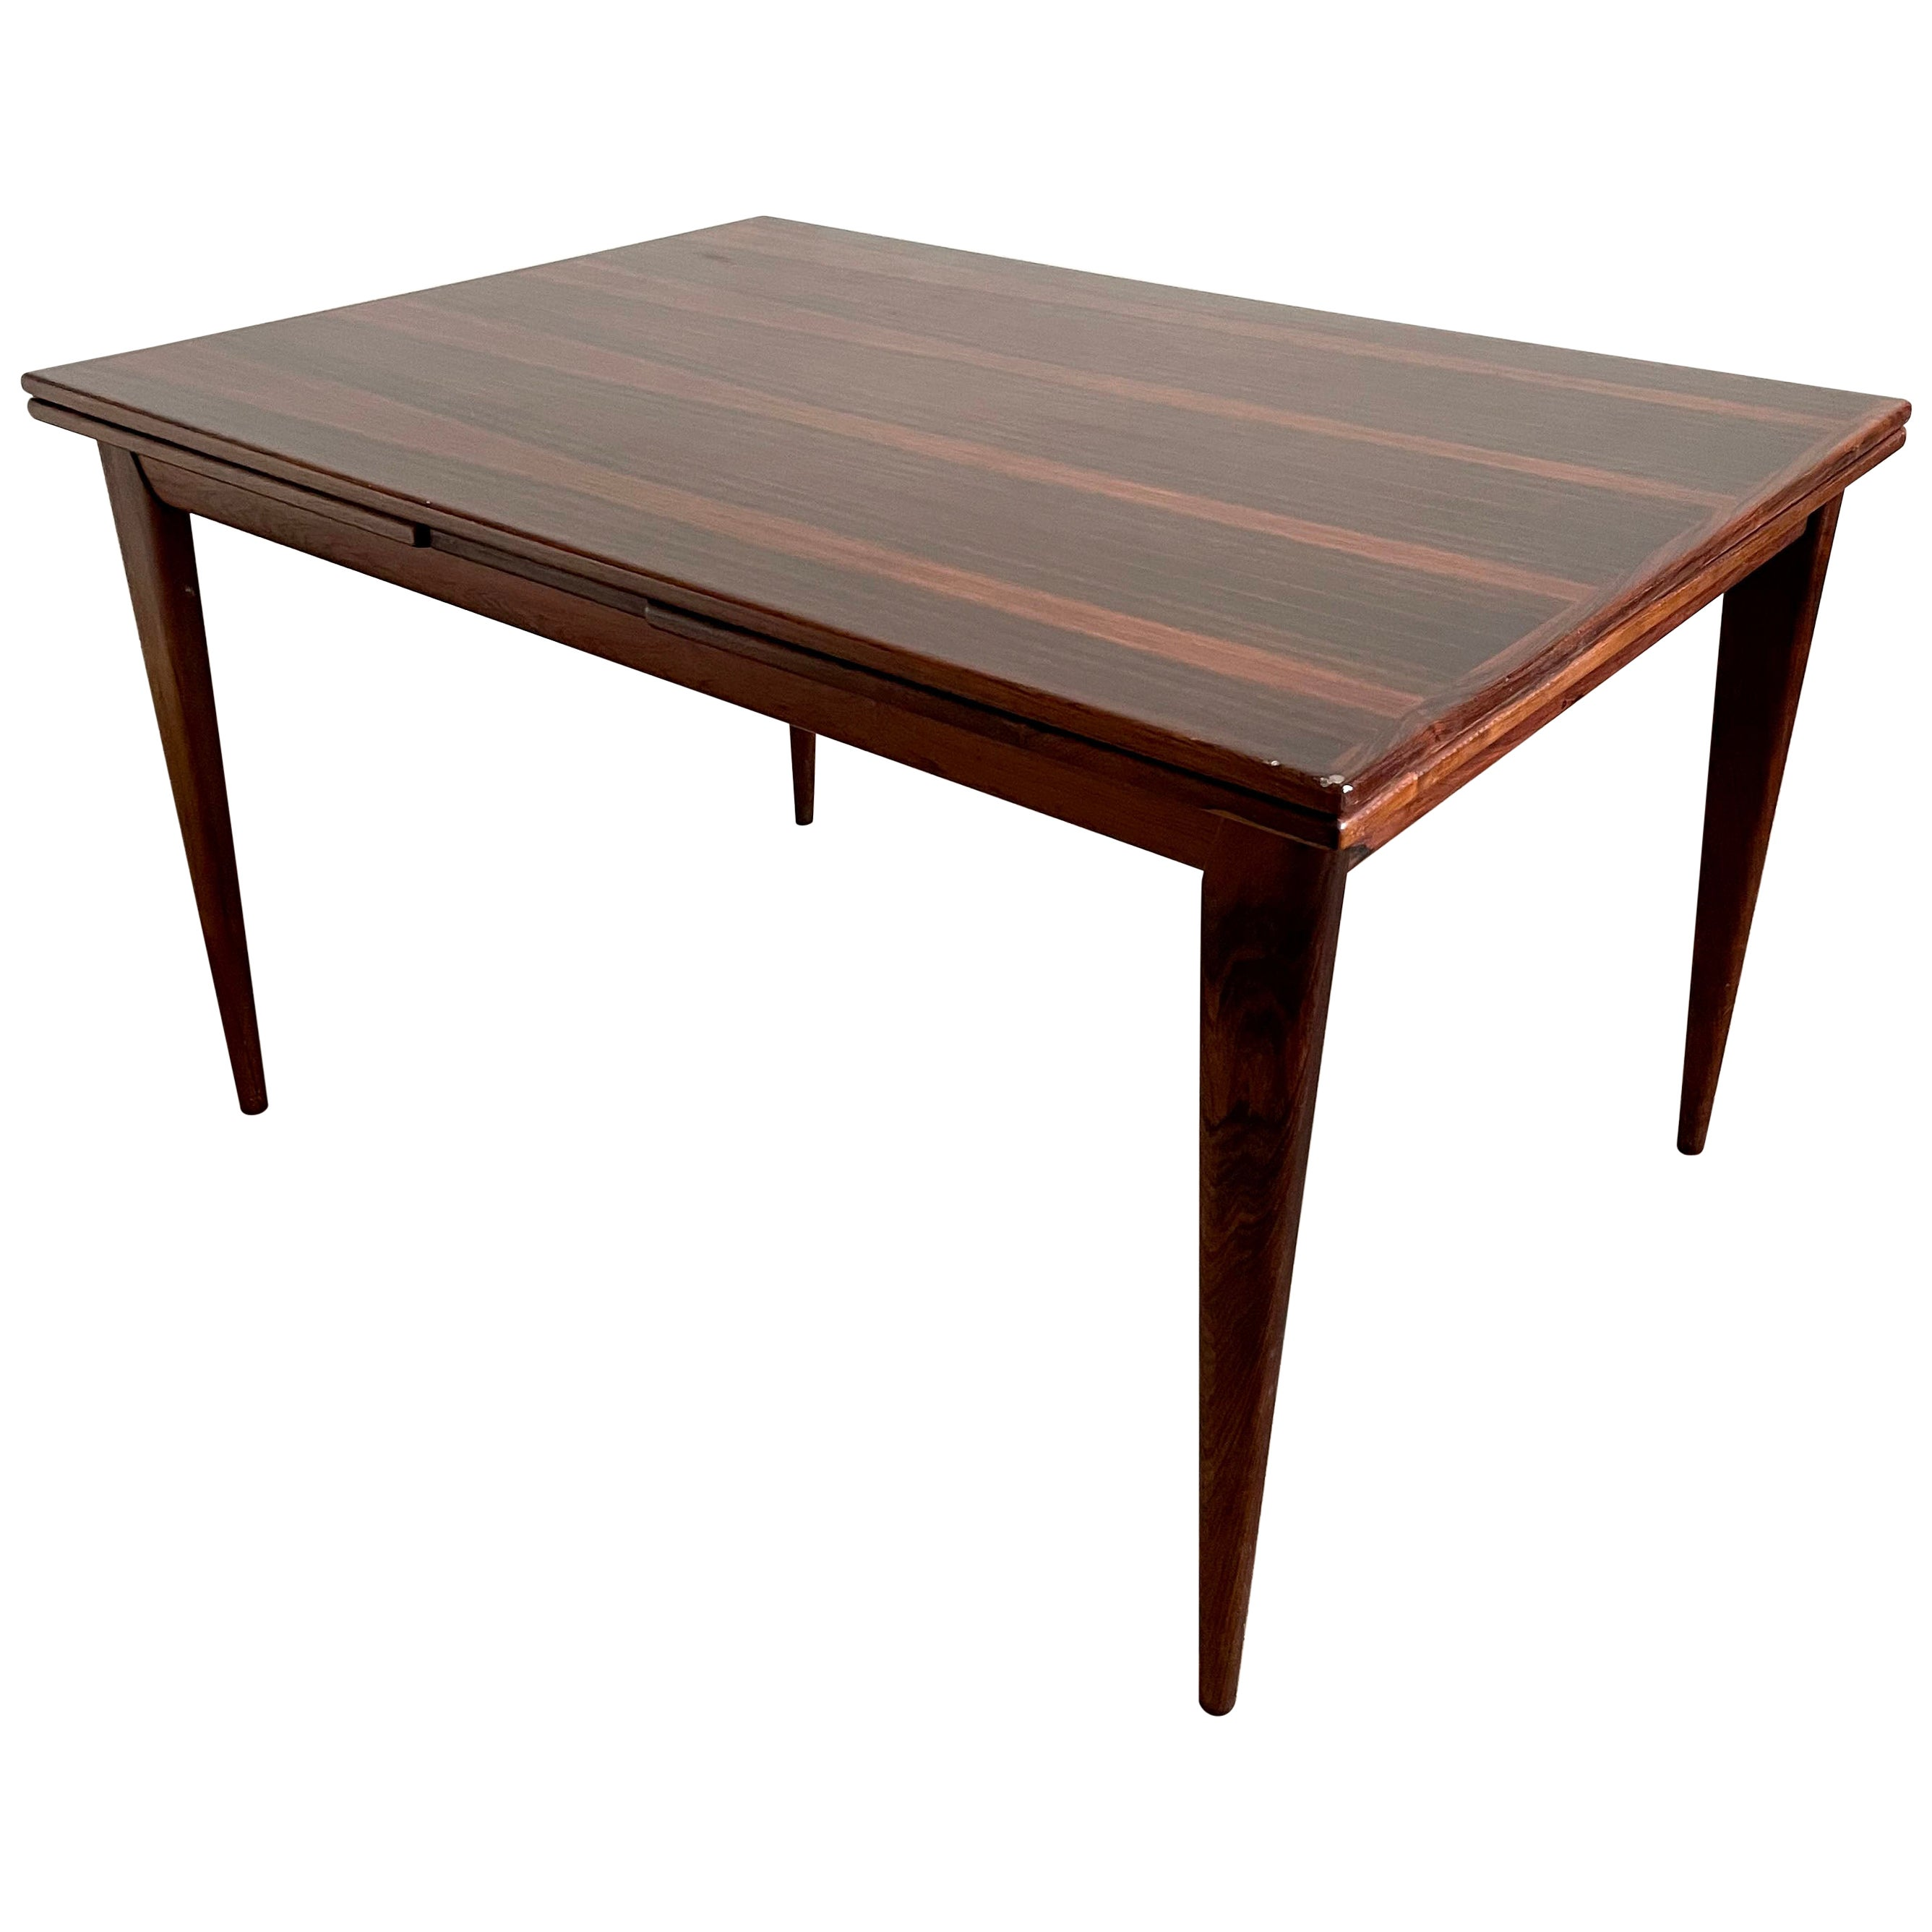 Danish Modern Rosewood Table Model 254, Niels O. Møller for J.L. Møllers, 1950s